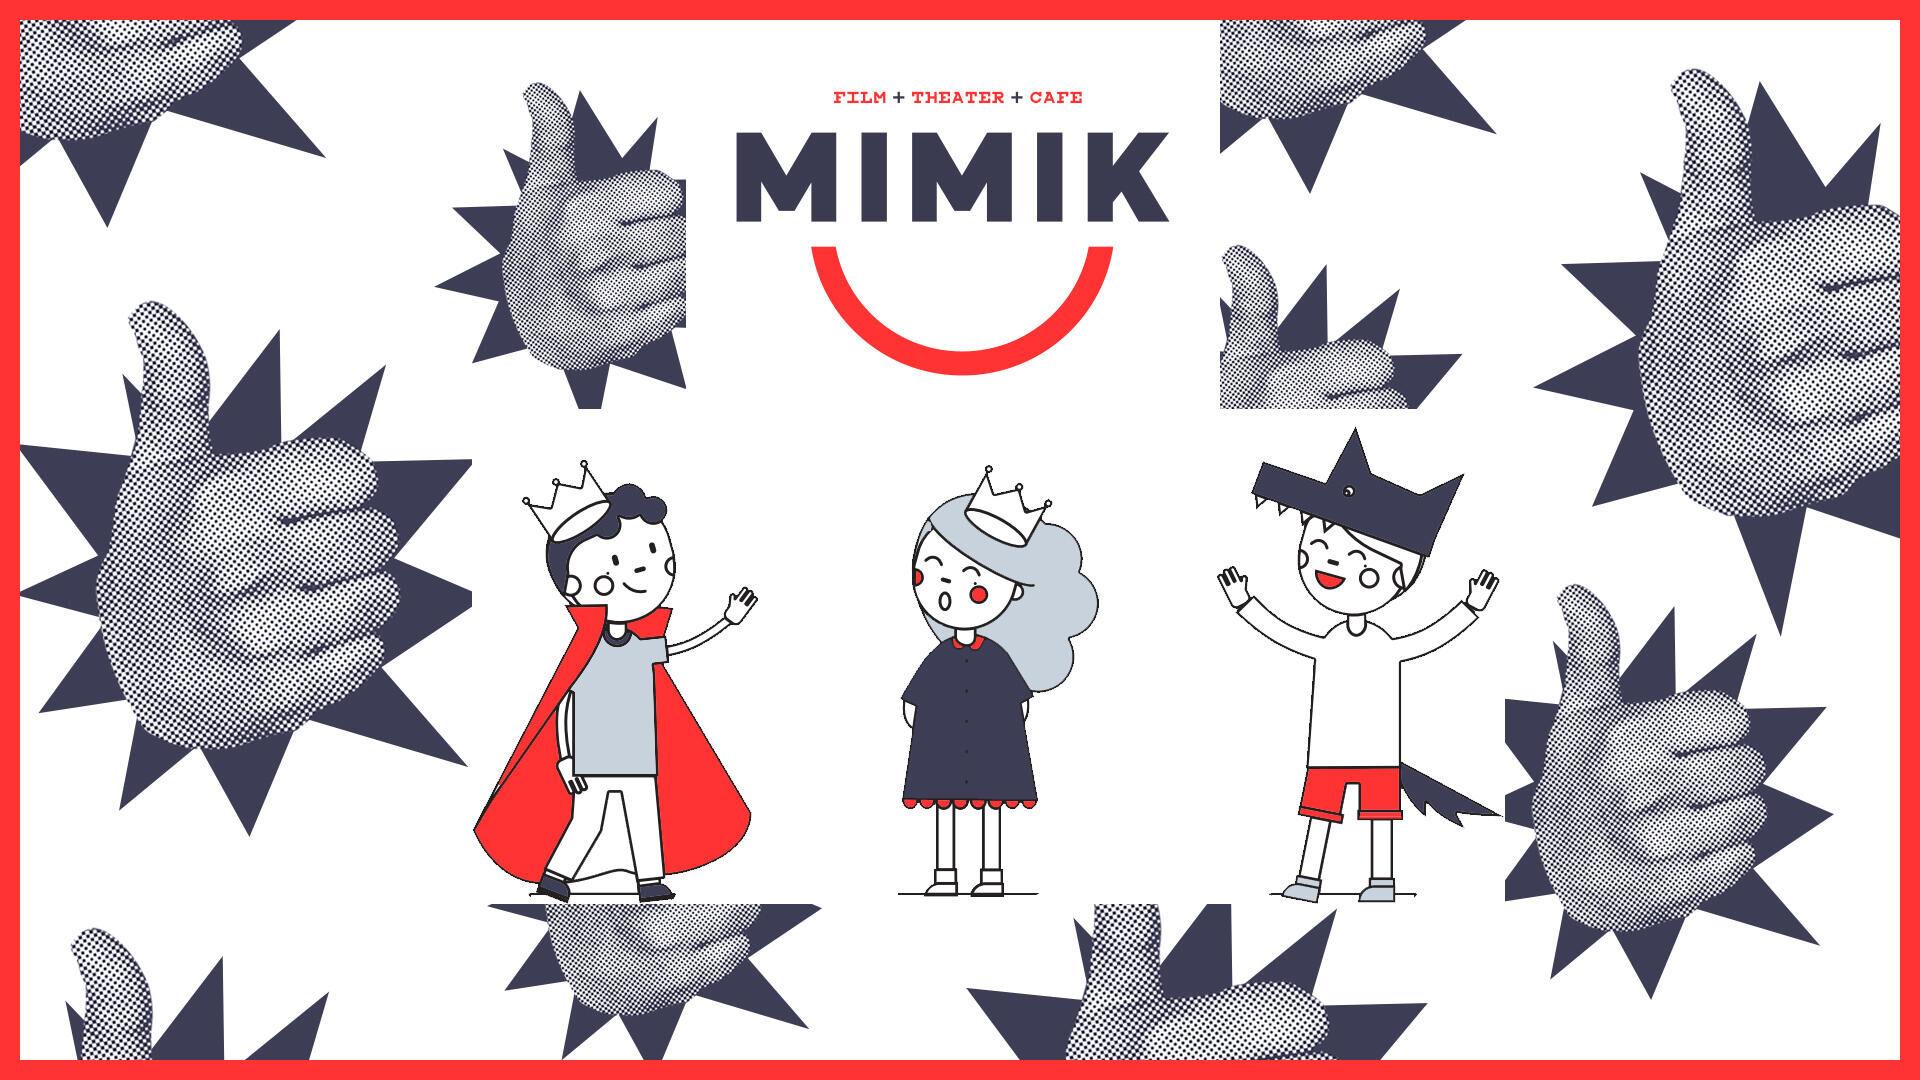 Maak een MIMIK kijkdoos in de voorjaarsvakantie!